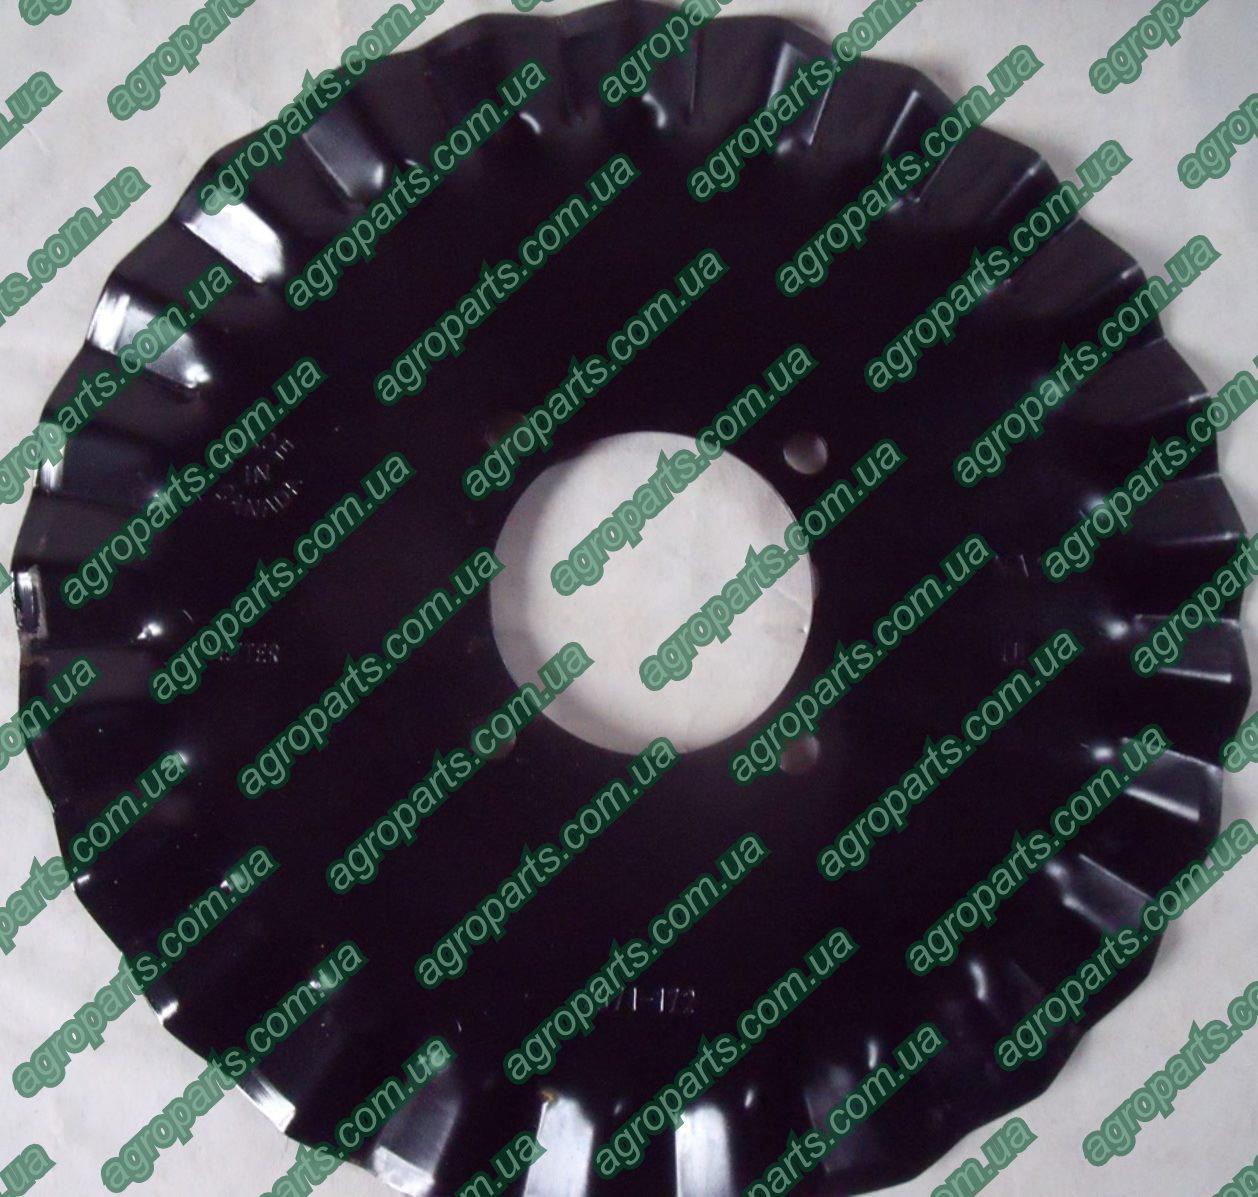 Фреза 820-116C турбонож диск АНАЛОГ з/ч диски COULTER BLADE 820-018, 820-116, култер 820-082